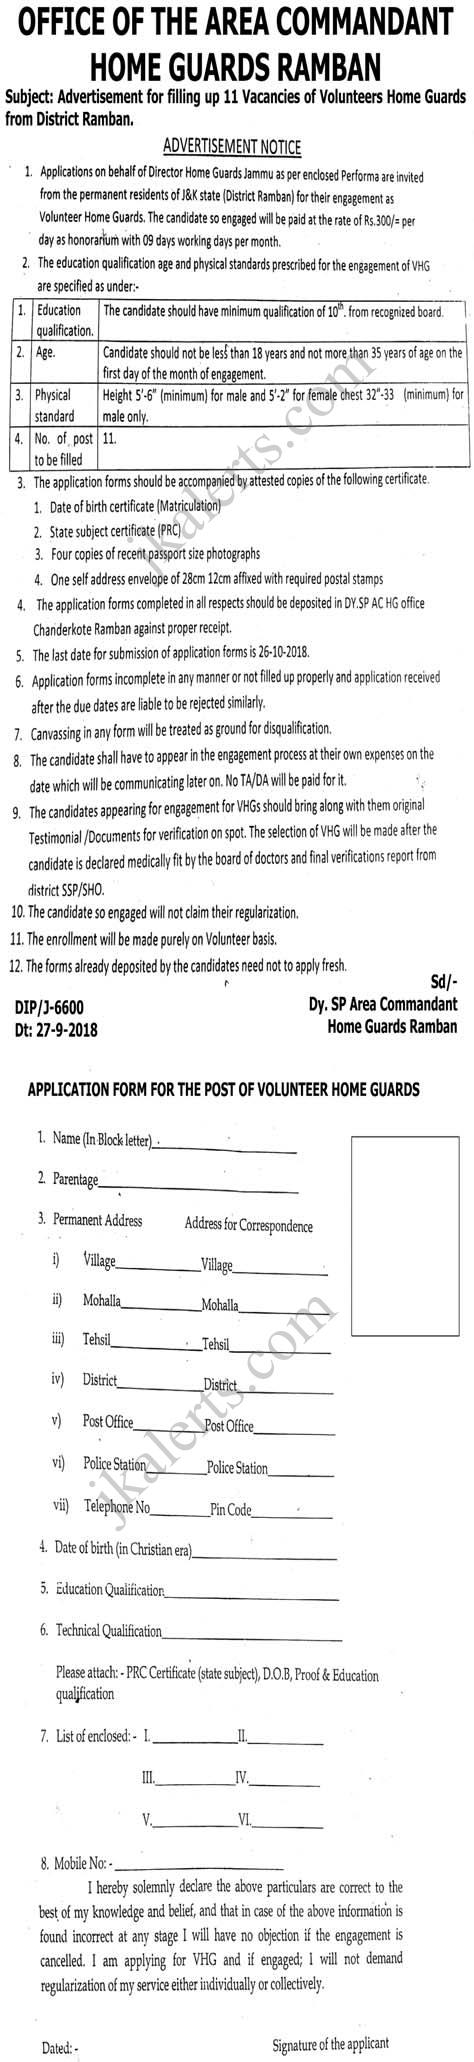 J&K Home Guards volunteers Jobs.